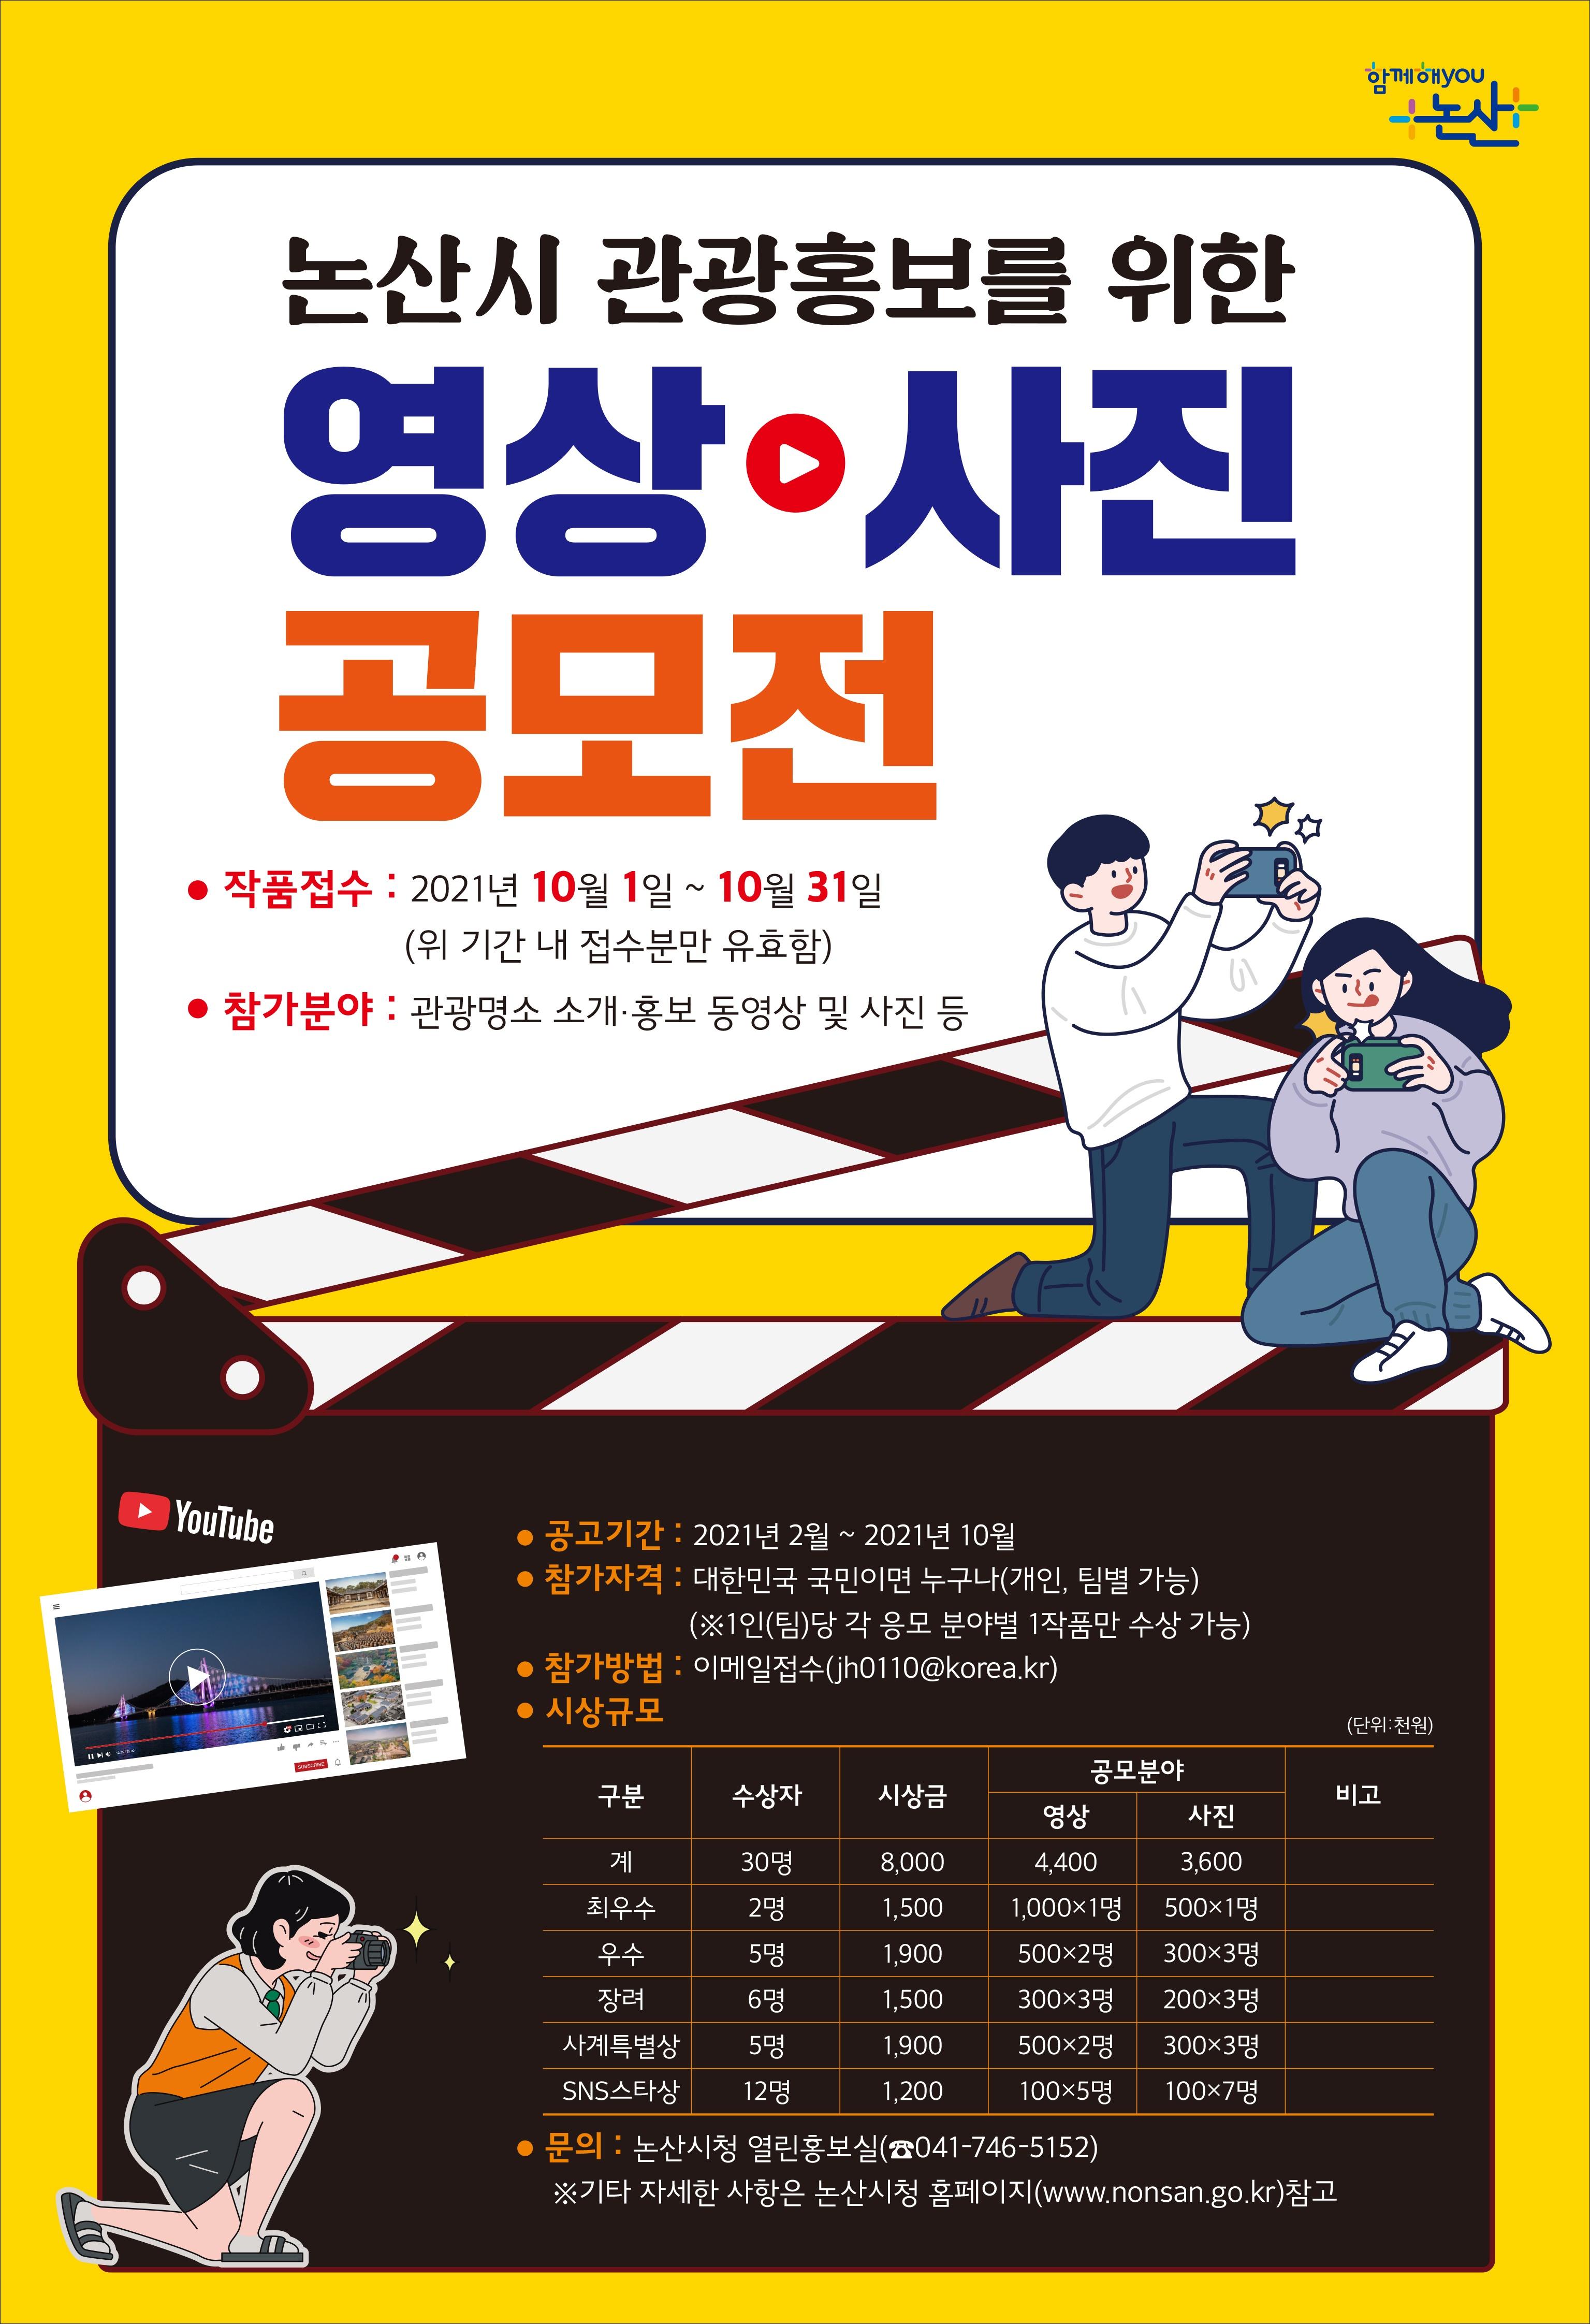 관광홍보 공모전 포스터